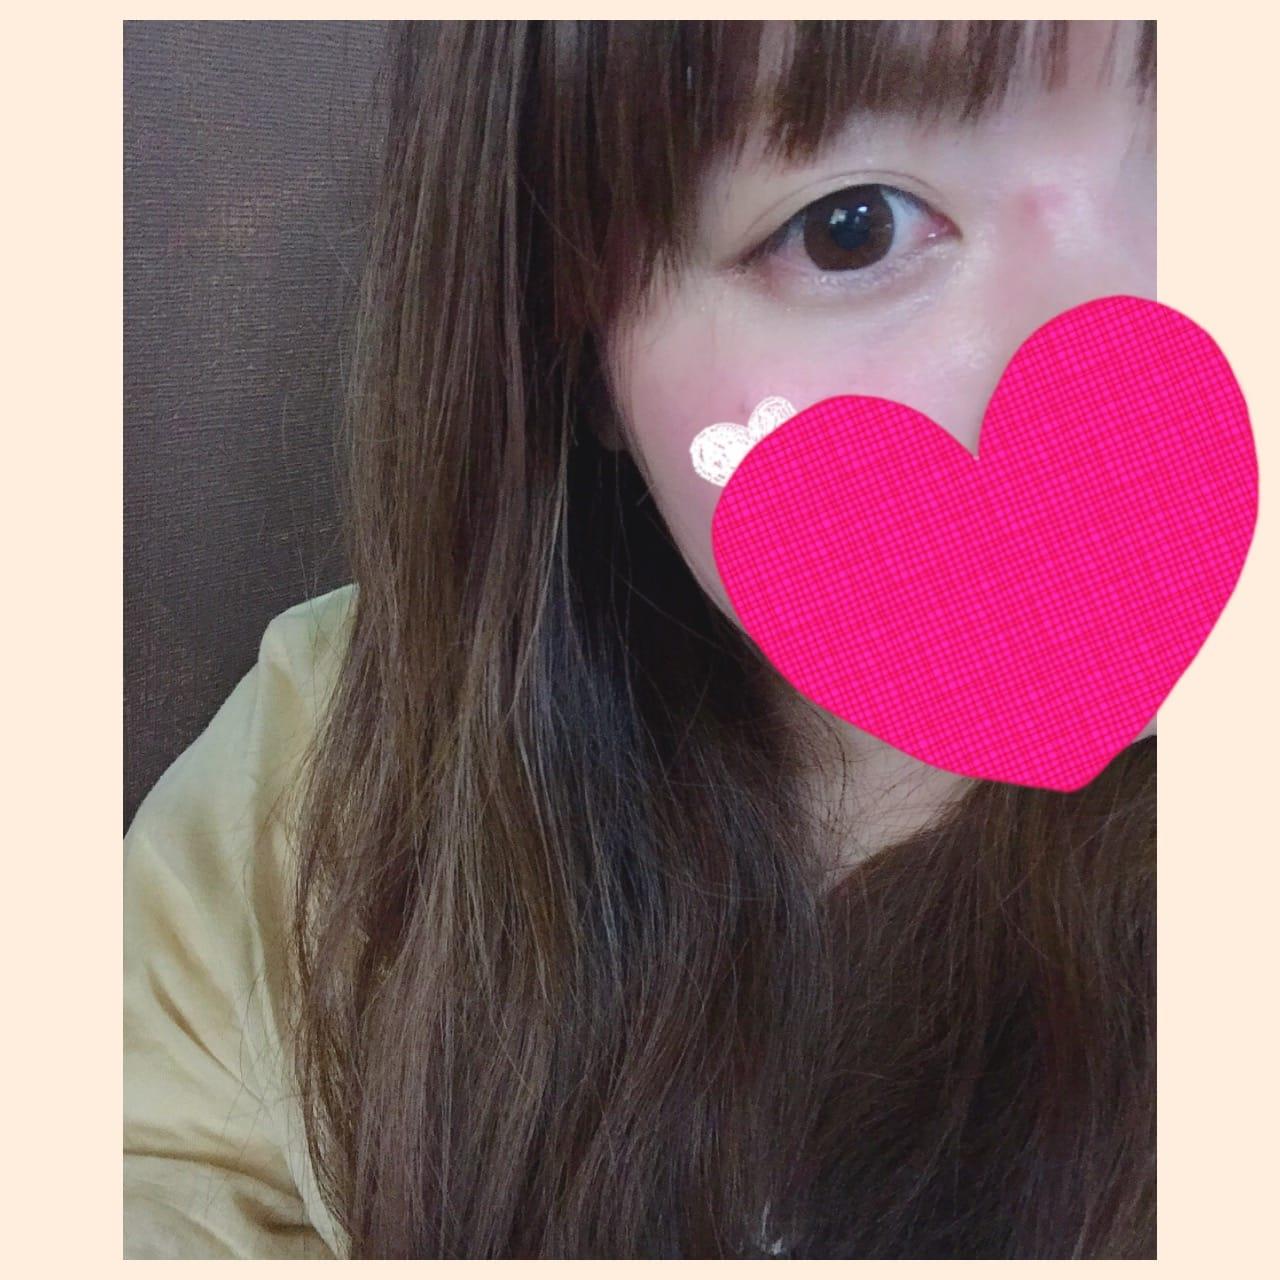 「こんにちは(・∀・)」04/04(04/04) 15:20   うたの写メ・風俗動画